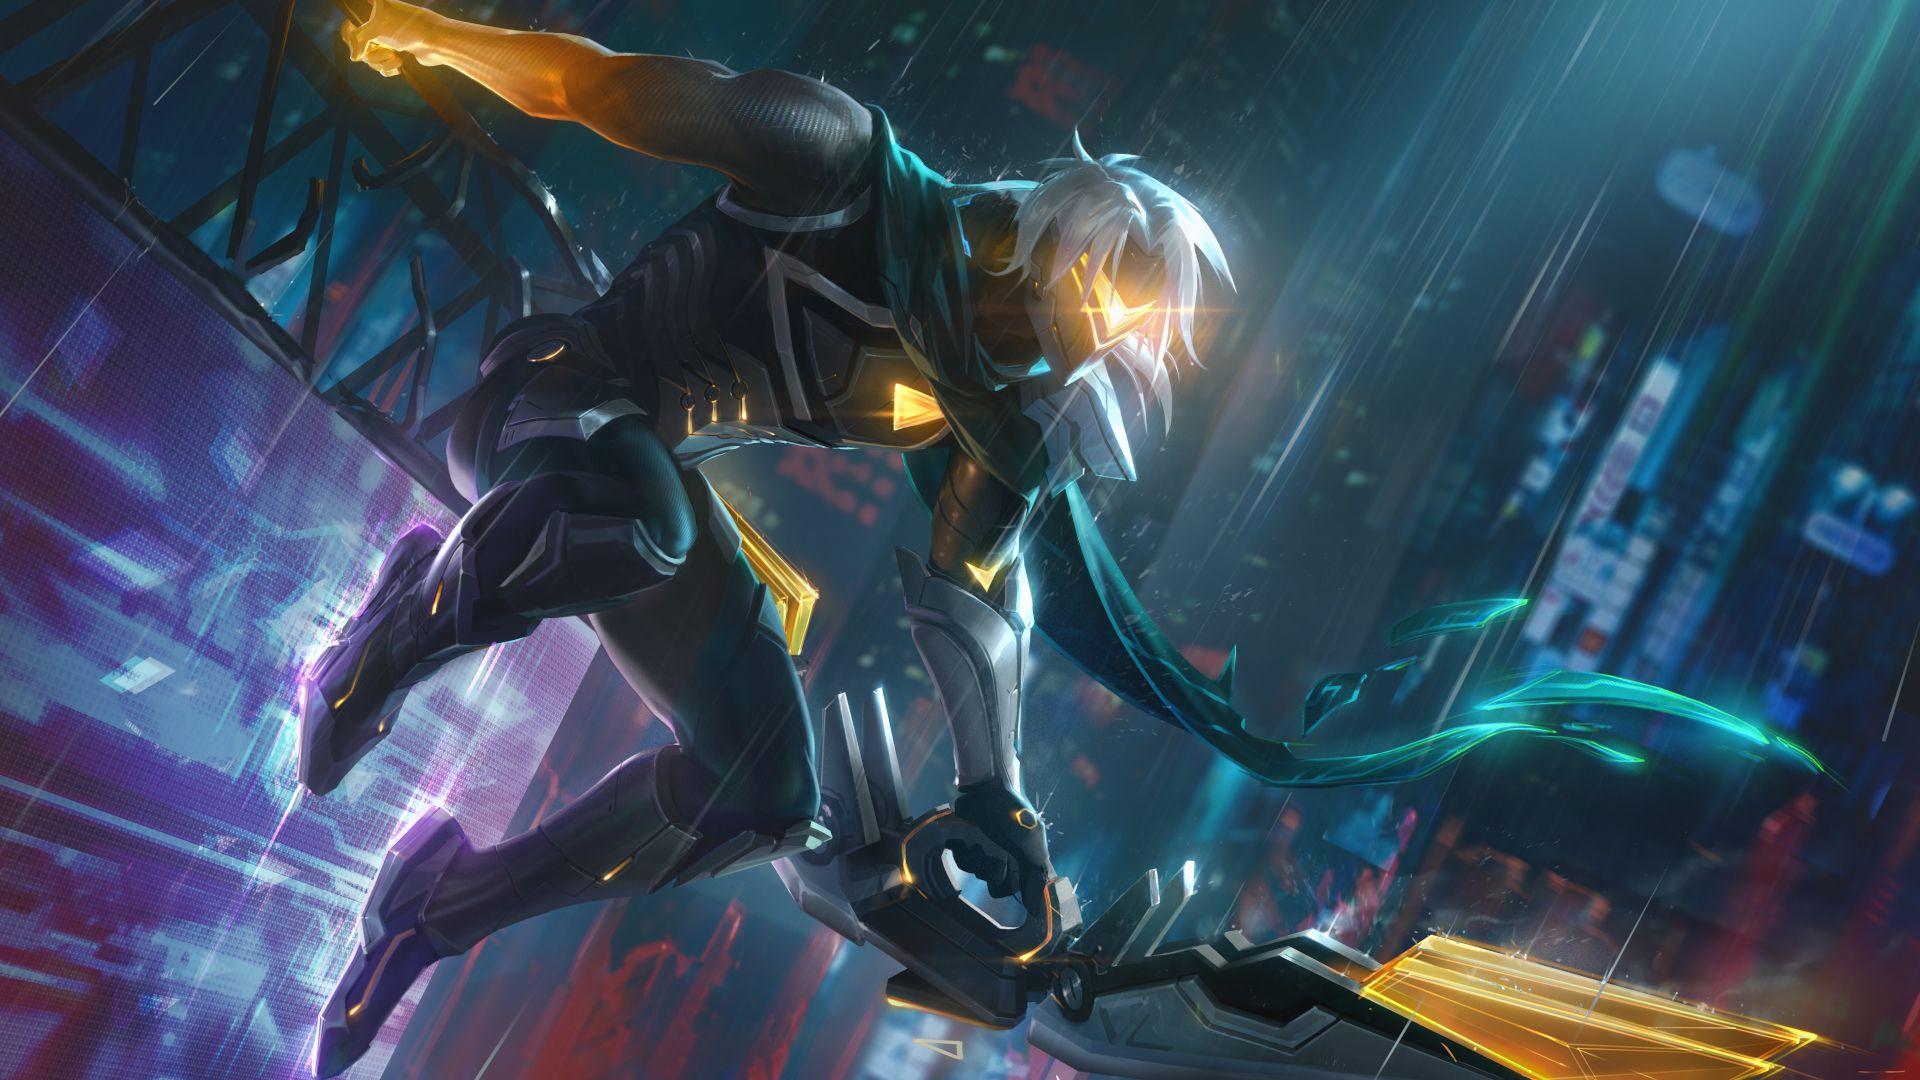 League of Legends devs unveil the MOBA's next big event, Project: Bastion